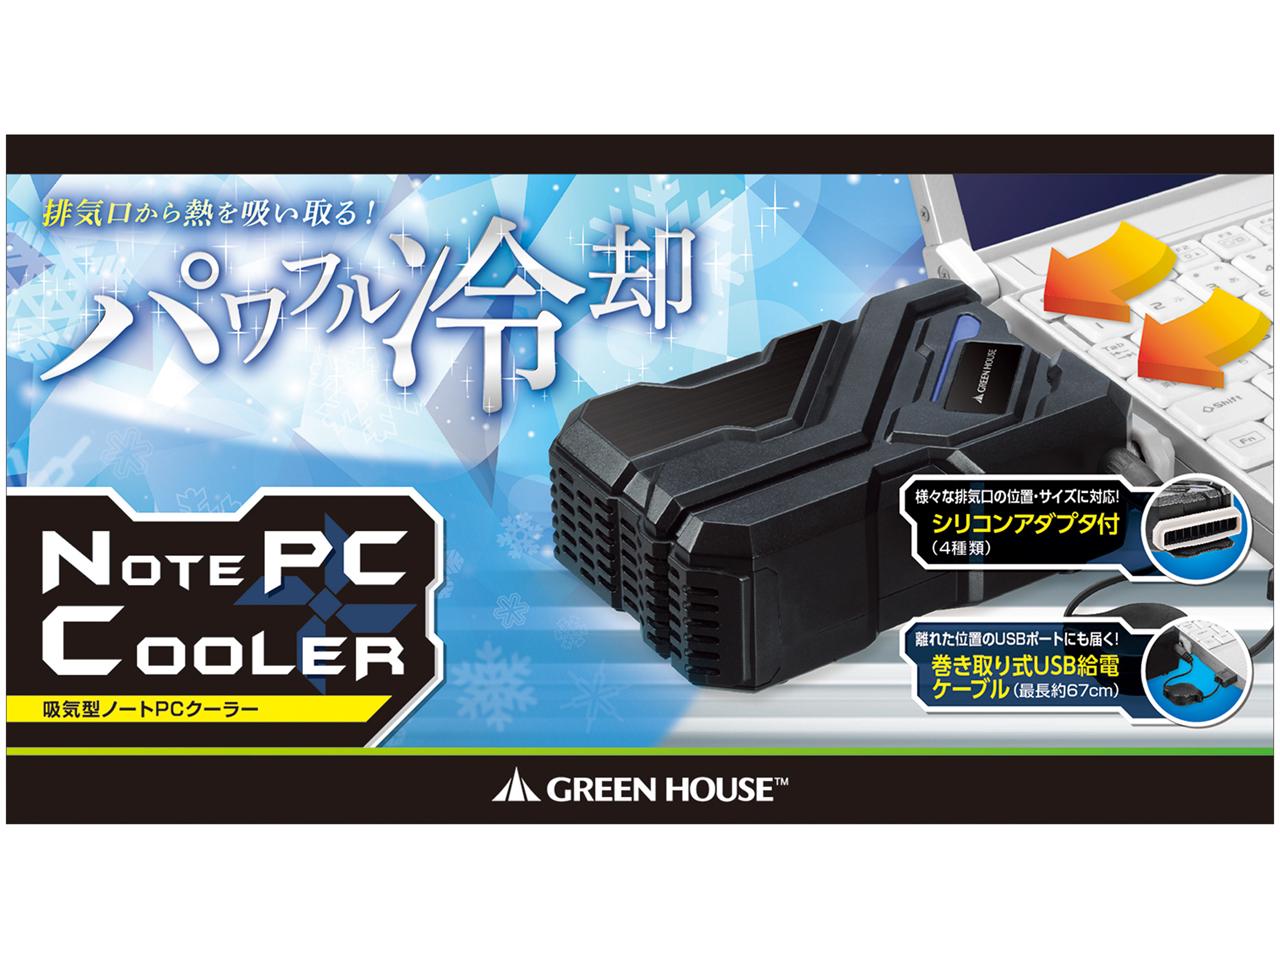 『パッケージ』 GH-PCFB1-BK の製品画像